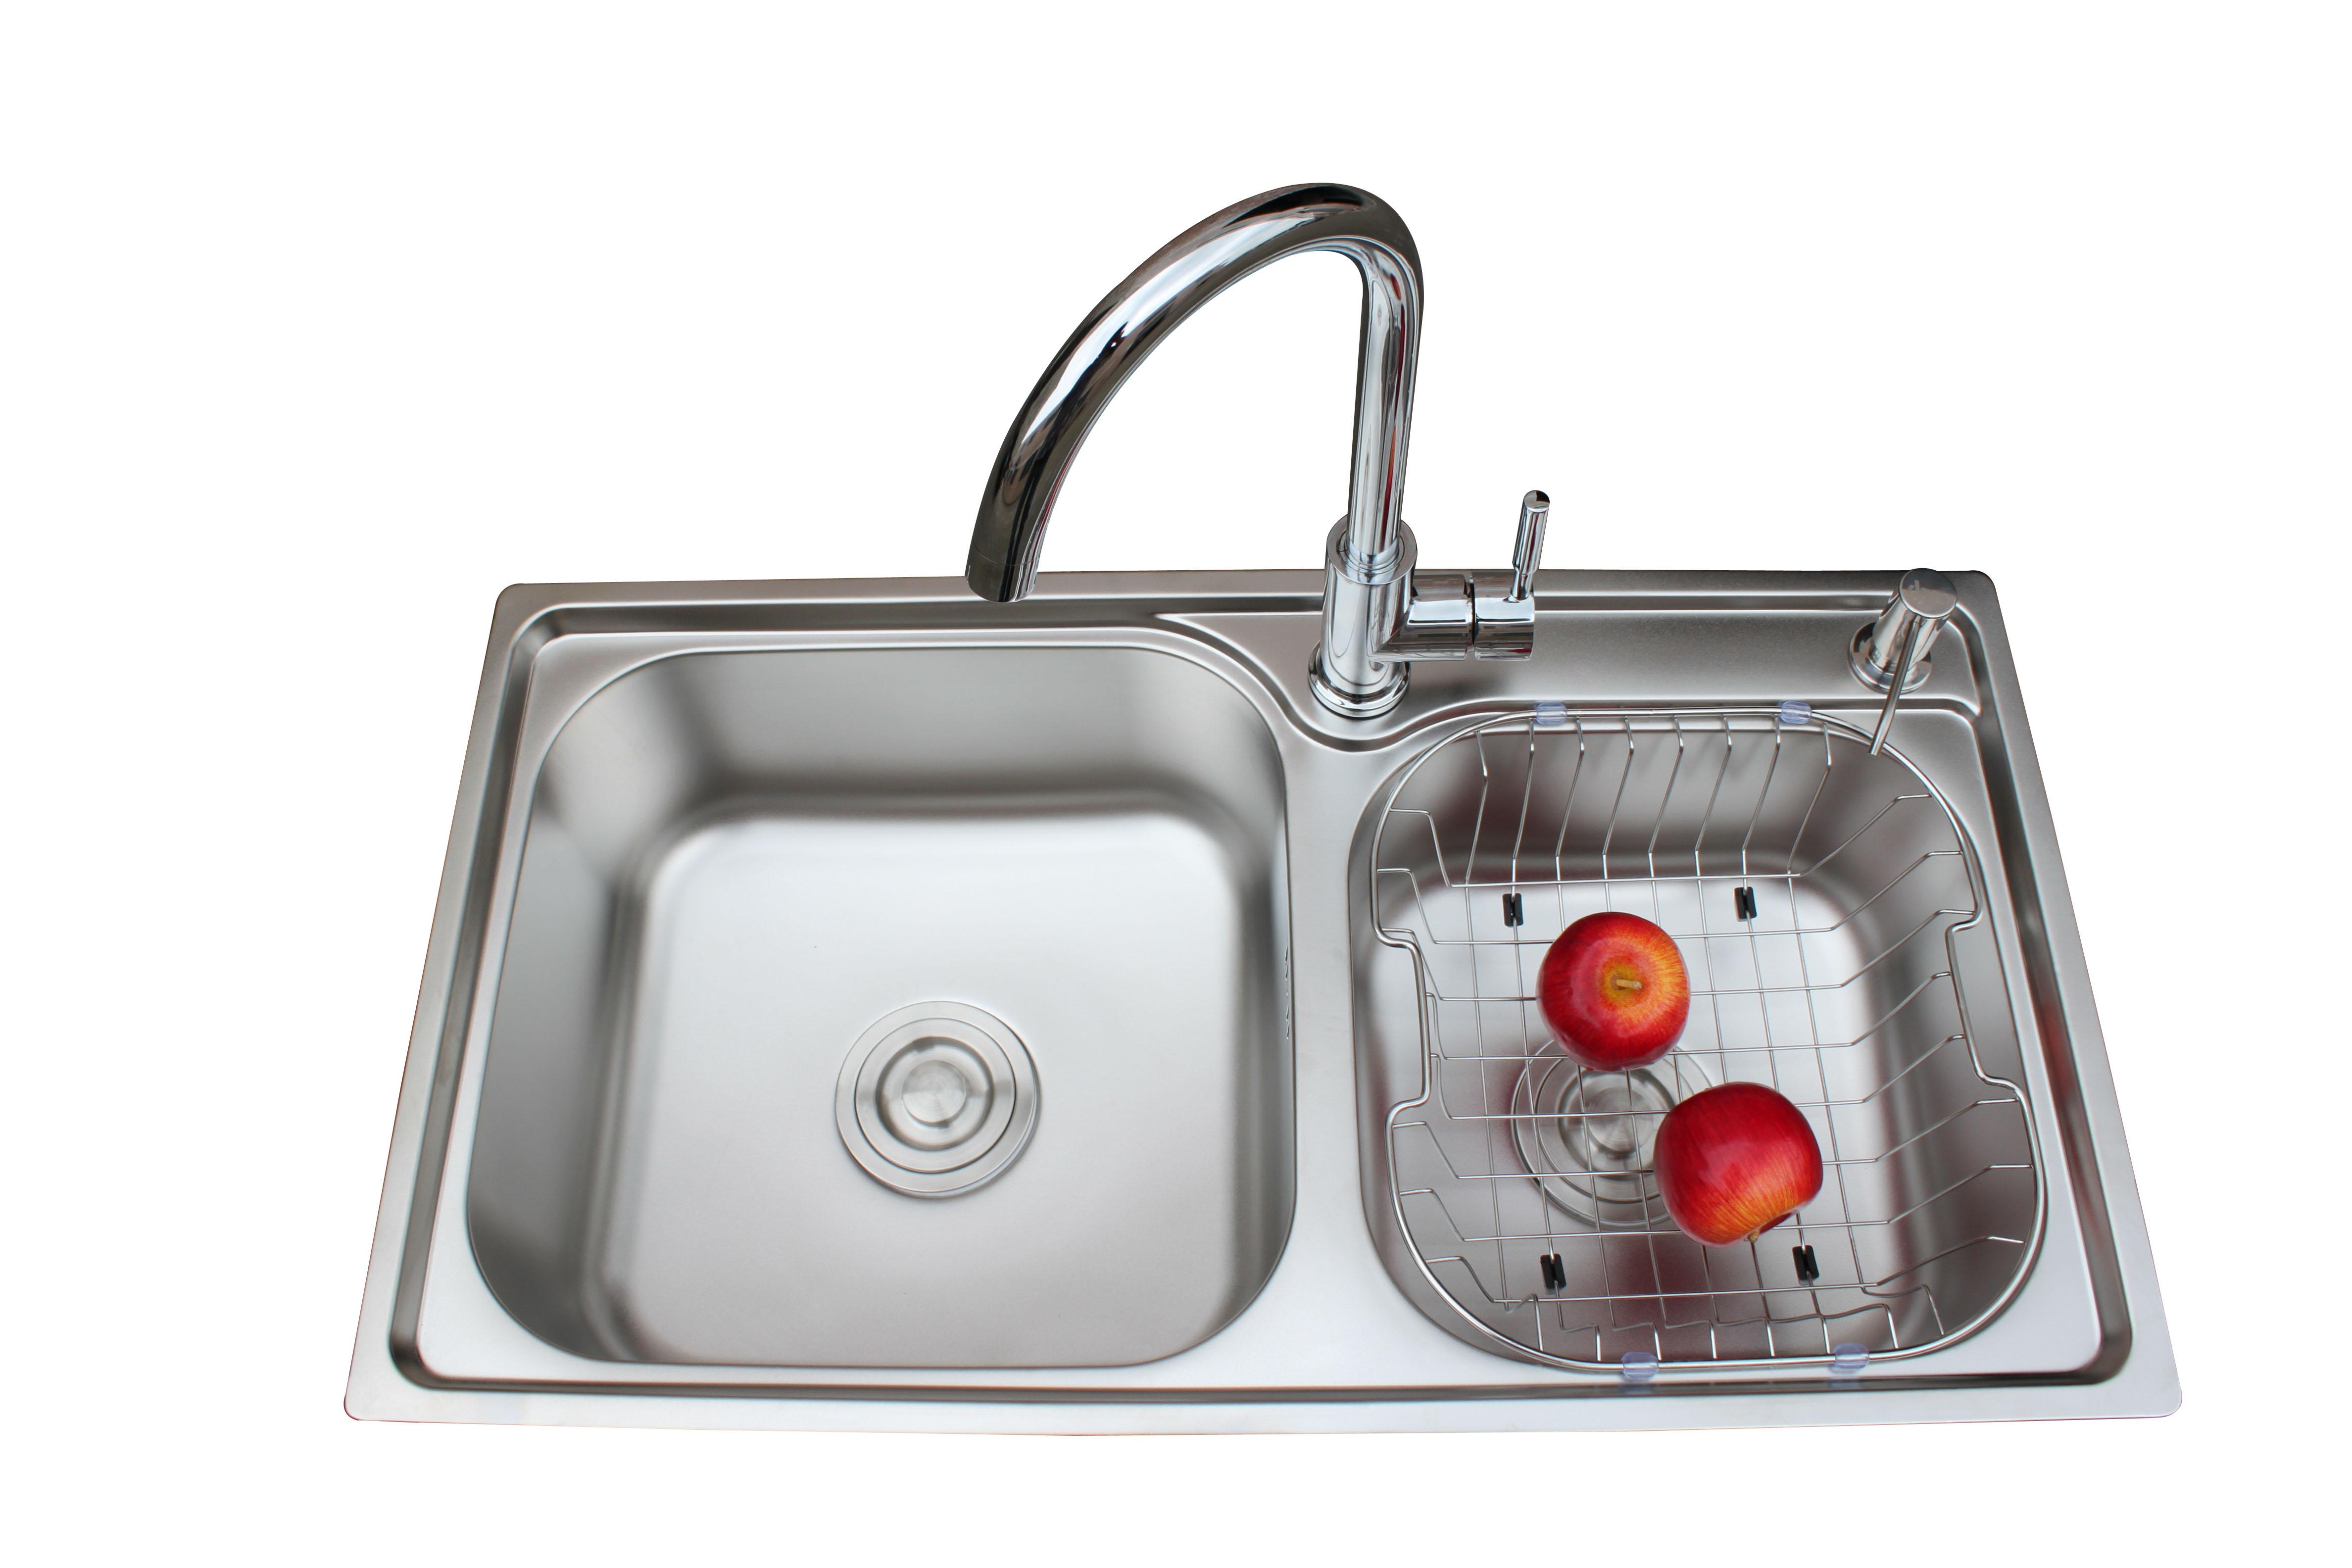 如果装修好了厨房,最后就要是固定菜盆和冷热水龙头了,那么要怎么安装才好呢?桓迪水龙头厂家来给大家讲解一下吧。  1.准备工作。 首先,要给即将安装的洗菜盆留出一定的位置,每个家庭所选的洗菜盆的款式都会有一些差异,因此台面上所留出的洗菜盆位置应该和洗菜盆的体积相吻合。应该把洗菜盆的尺寸告知厨具公司或施工队,以免因为尺寸不合适而重新返工。 2.龙头安装。 安装洗菜盆之前,应该把水龙头和进水管都安装完毕。安装水龙头时,不仅要求安装牢固,而且连接处也不能出现渗水的现象。在选购龙头时,要注意安装所需要的固定配件最好